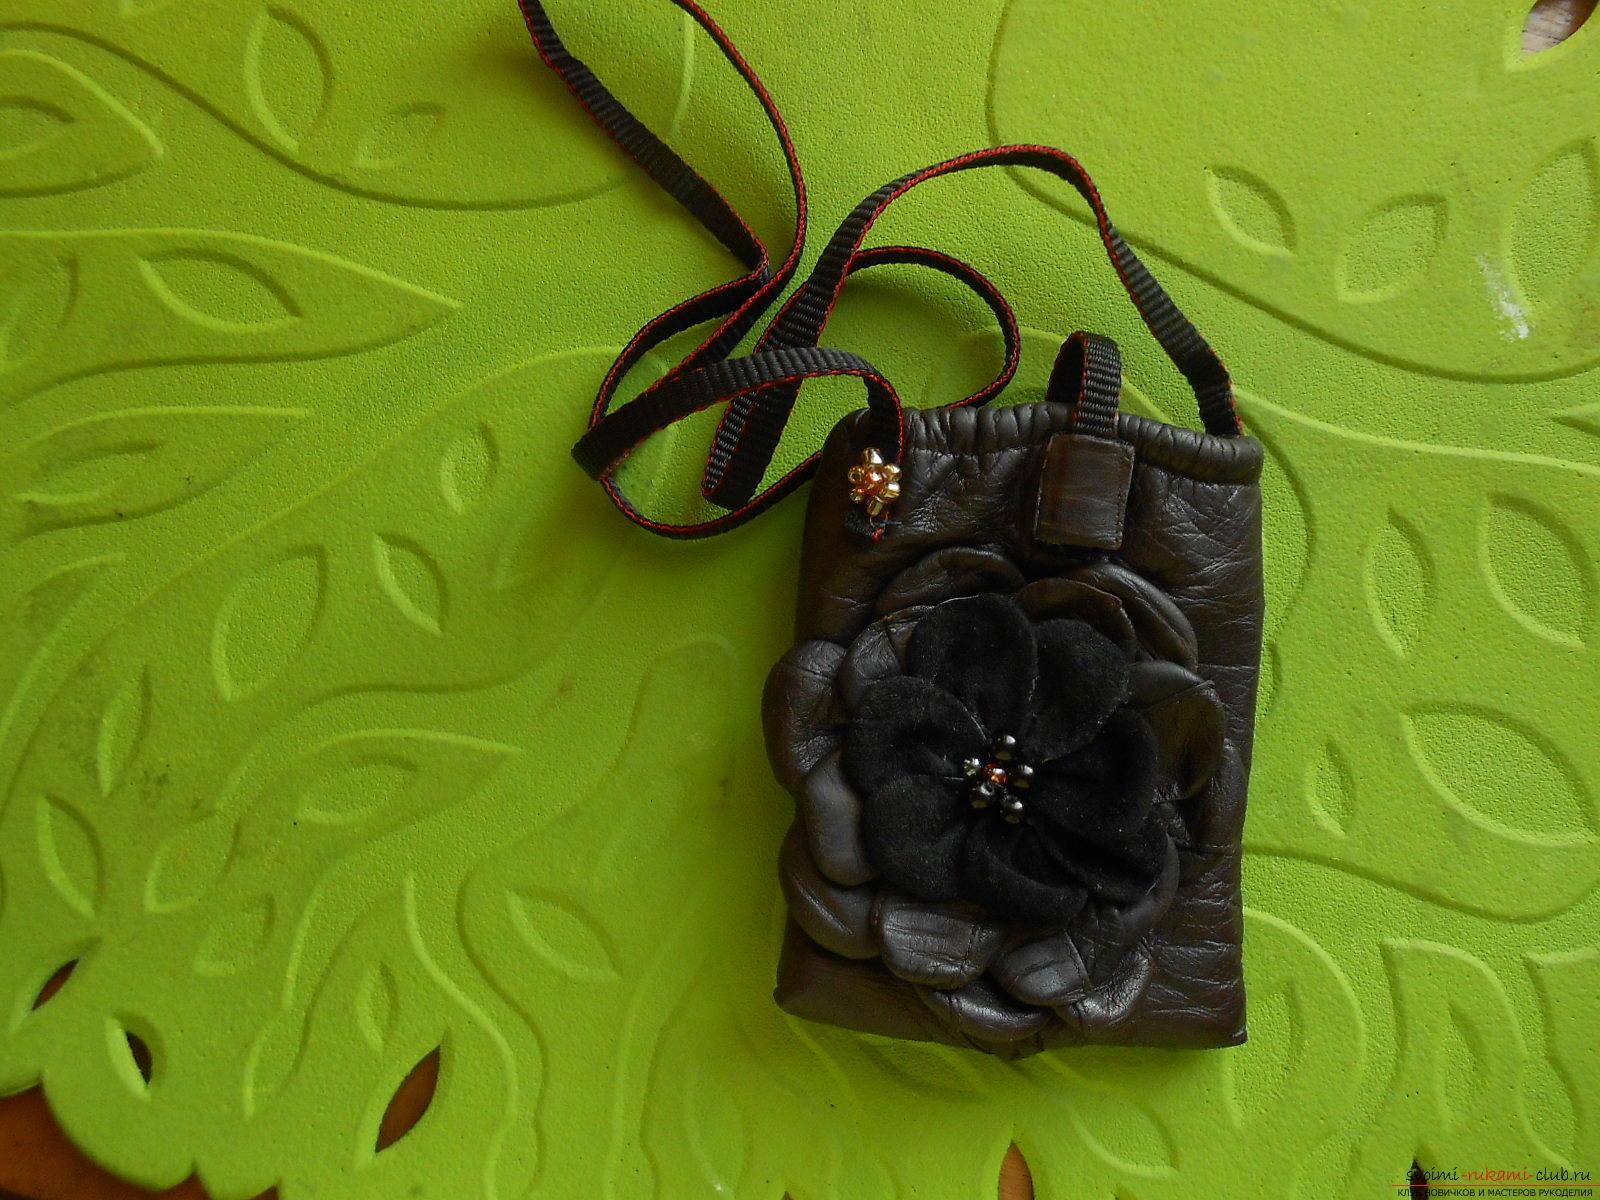 Кожаные чехлы самые модные для телефонов, но мало кто знает как сделать чехлы из кожи своими руками.. Фото №28